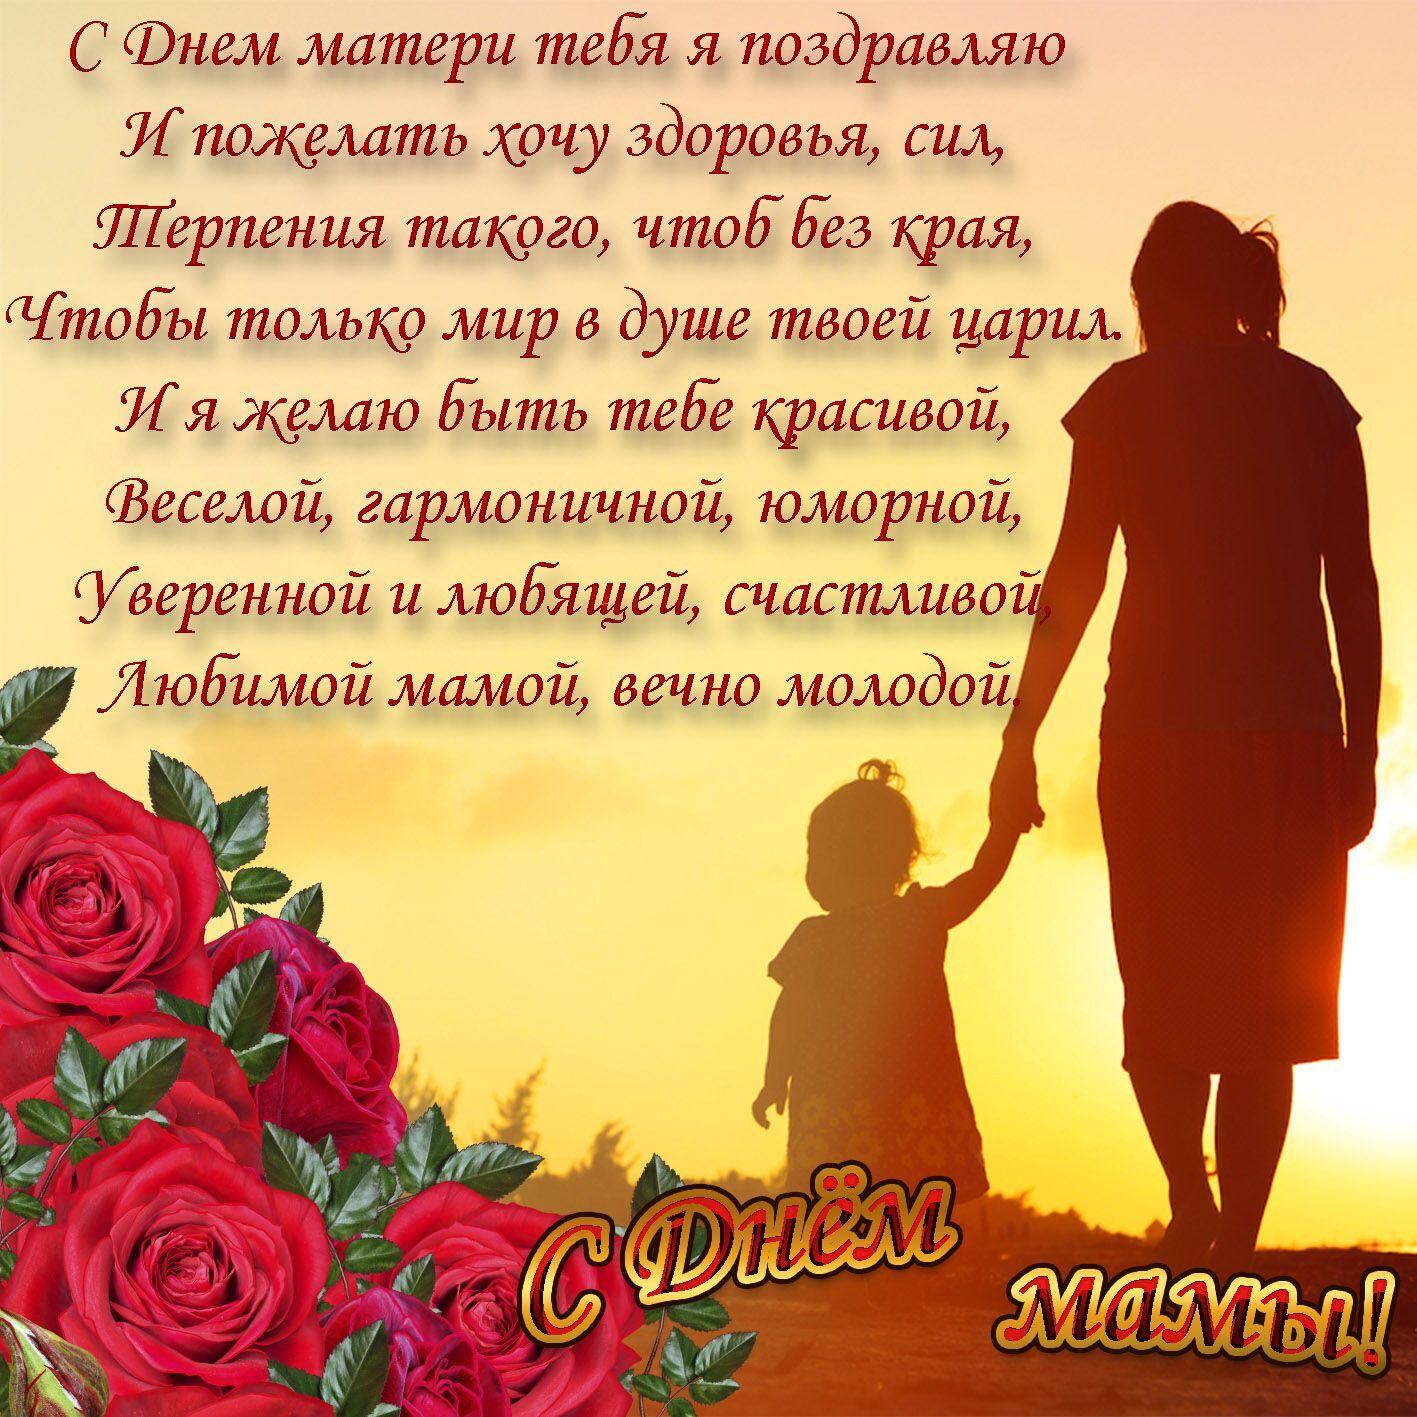 Побажання в День матері